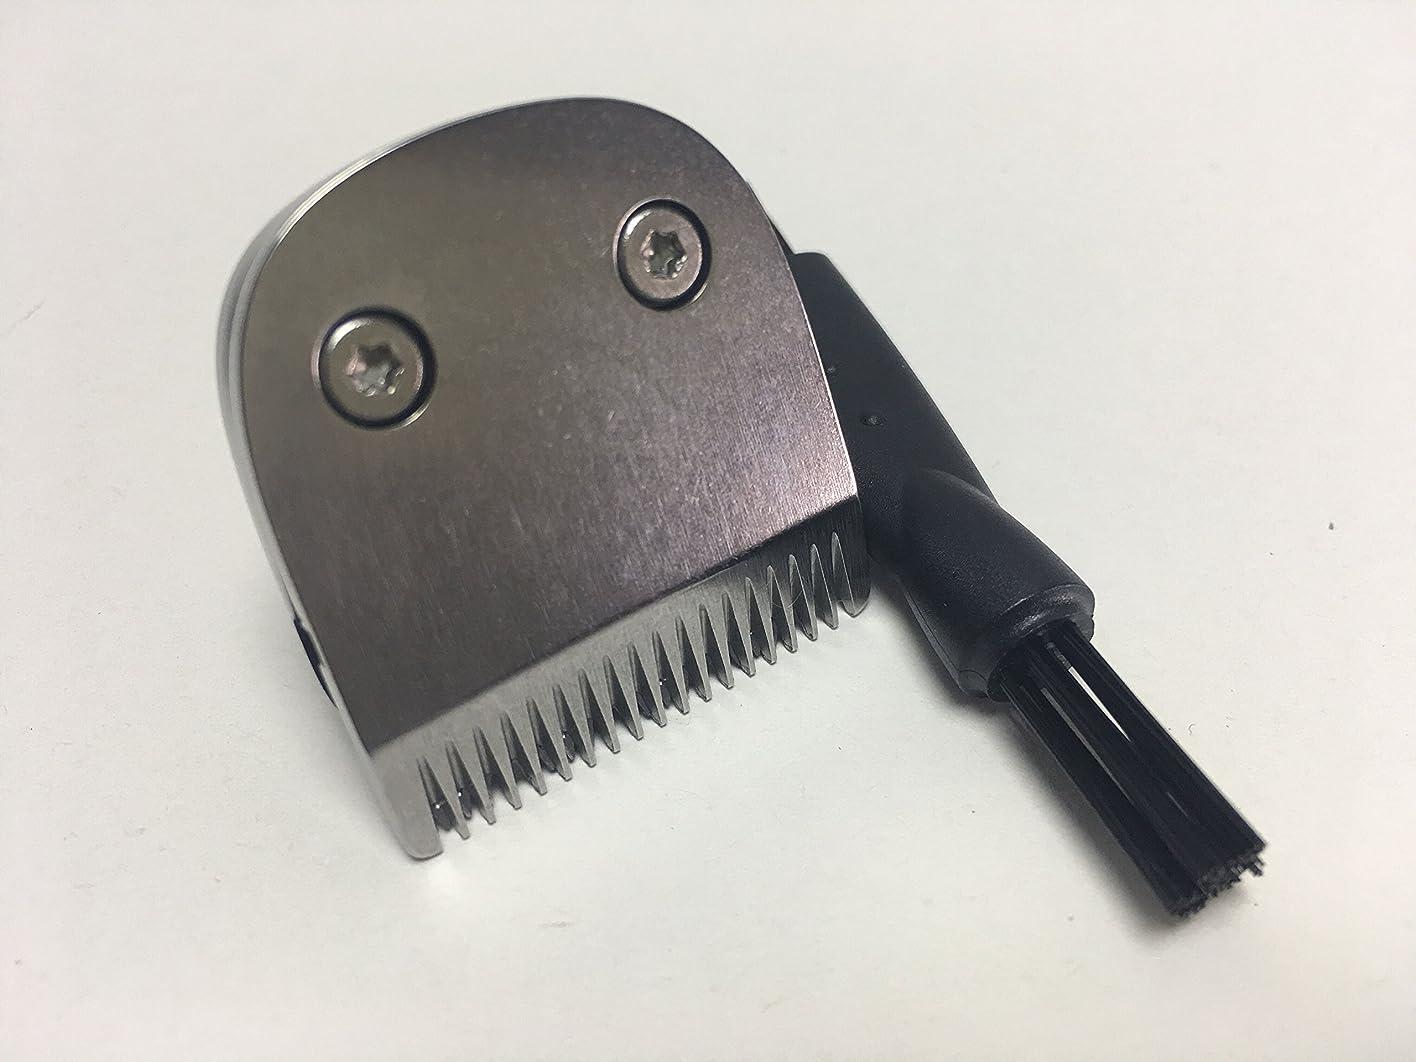 立派な冷凍庫骨折シェーバーヘッドバーバーブレード フィリップス QG3379/15 QG3371/16 QG3380/17 QG3388/15 QG3387/15 QG3381/15 QG3383/15 ノレッコ ワン?ブレード 交換用ブレード For Philips Shaver Razor Head Blade clipper Cutter